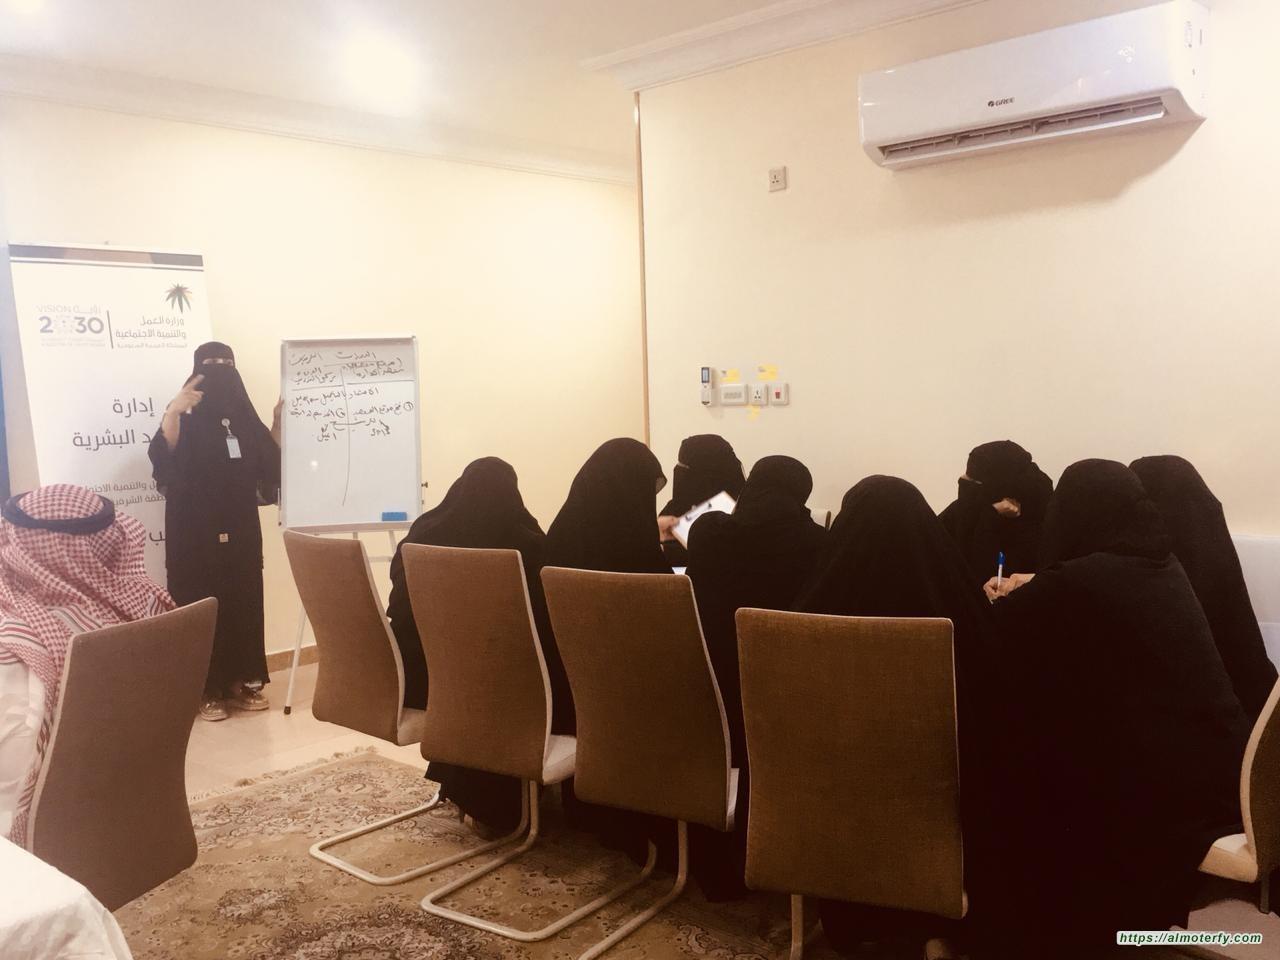 حماية الأحساء تشرح لموظفيها تفصيلياً عن خدمة نظام الموارد